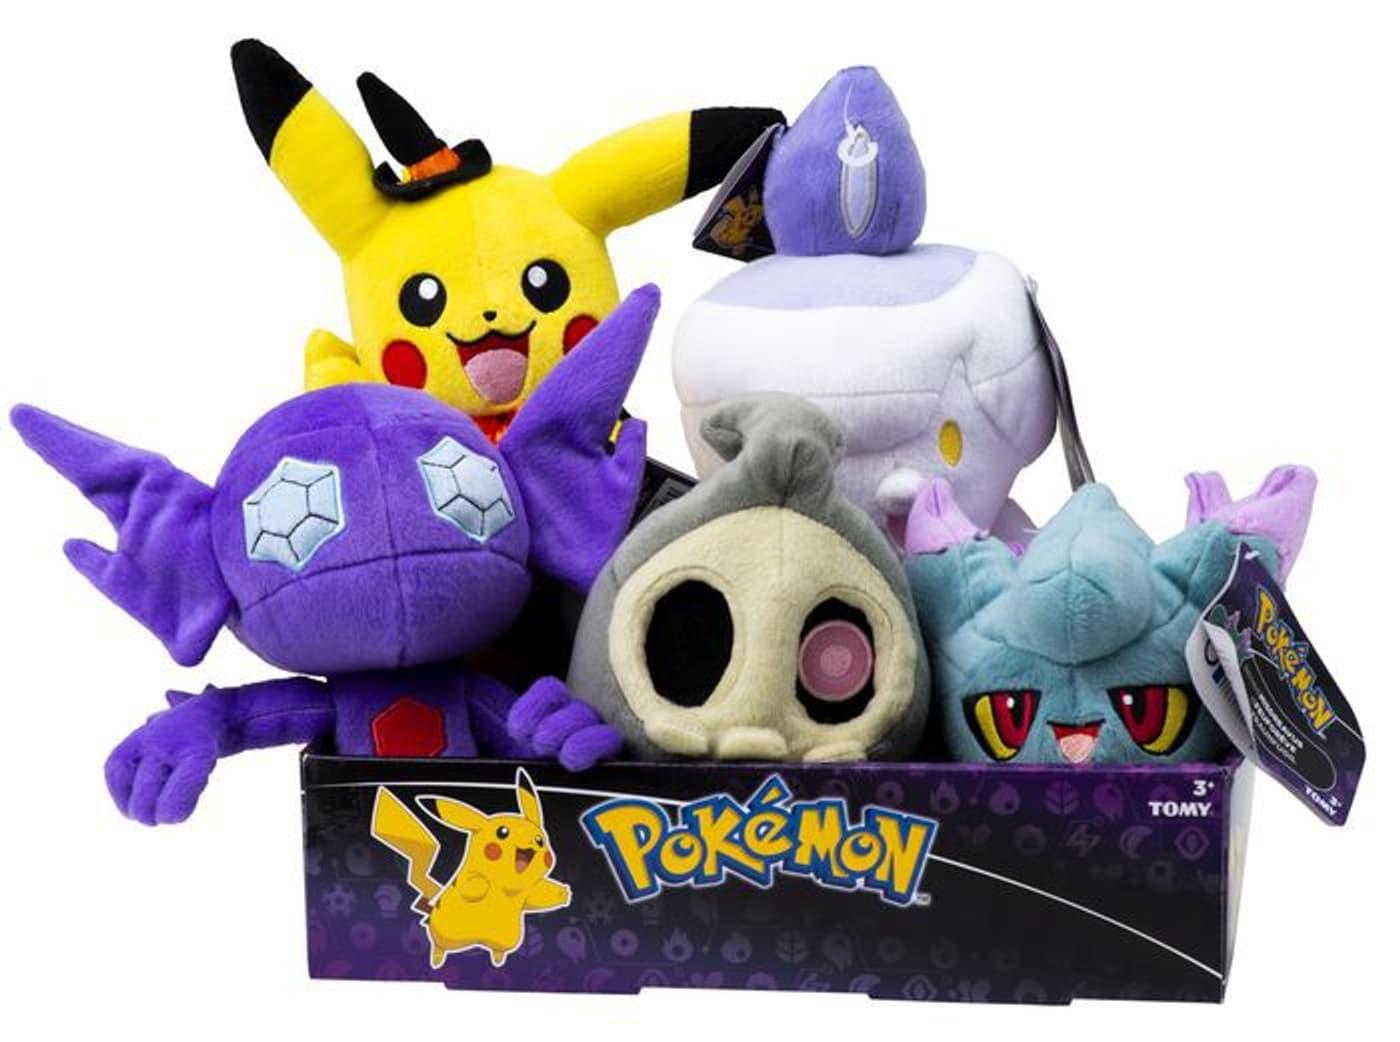 Halloween plüschfigur pokémon fisico box migros